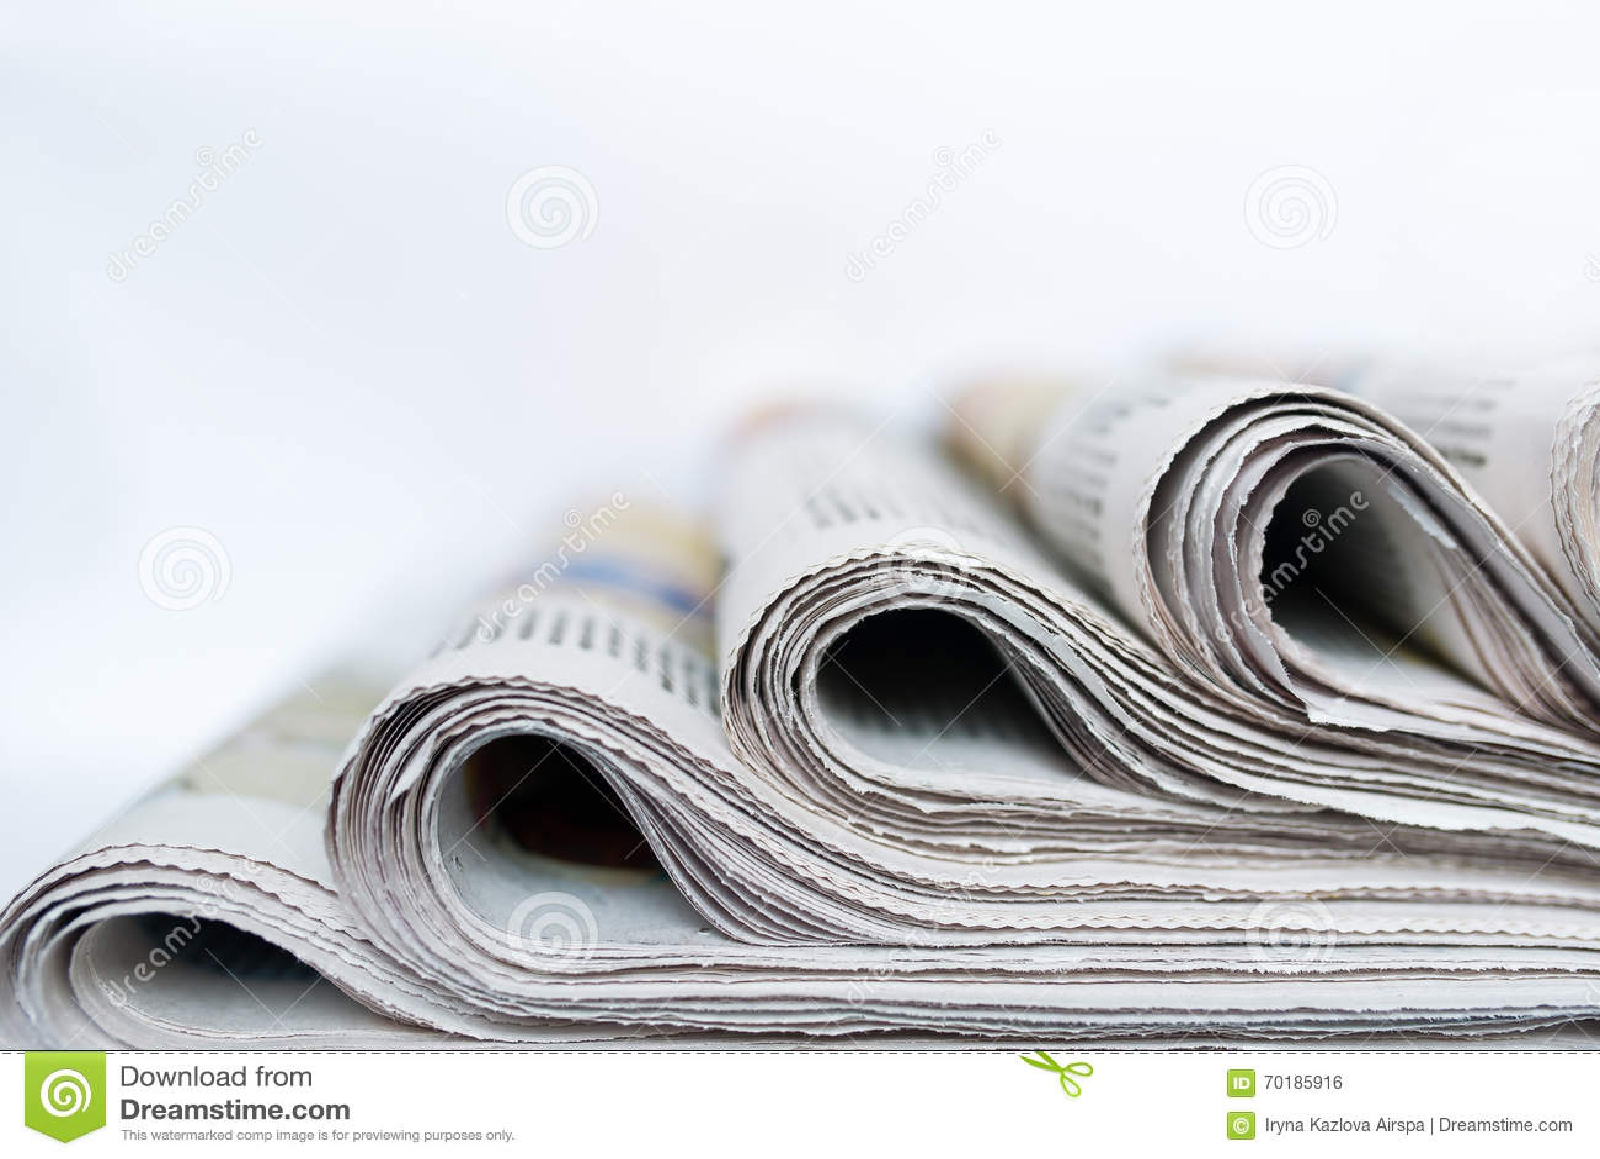 Packar av tidningar